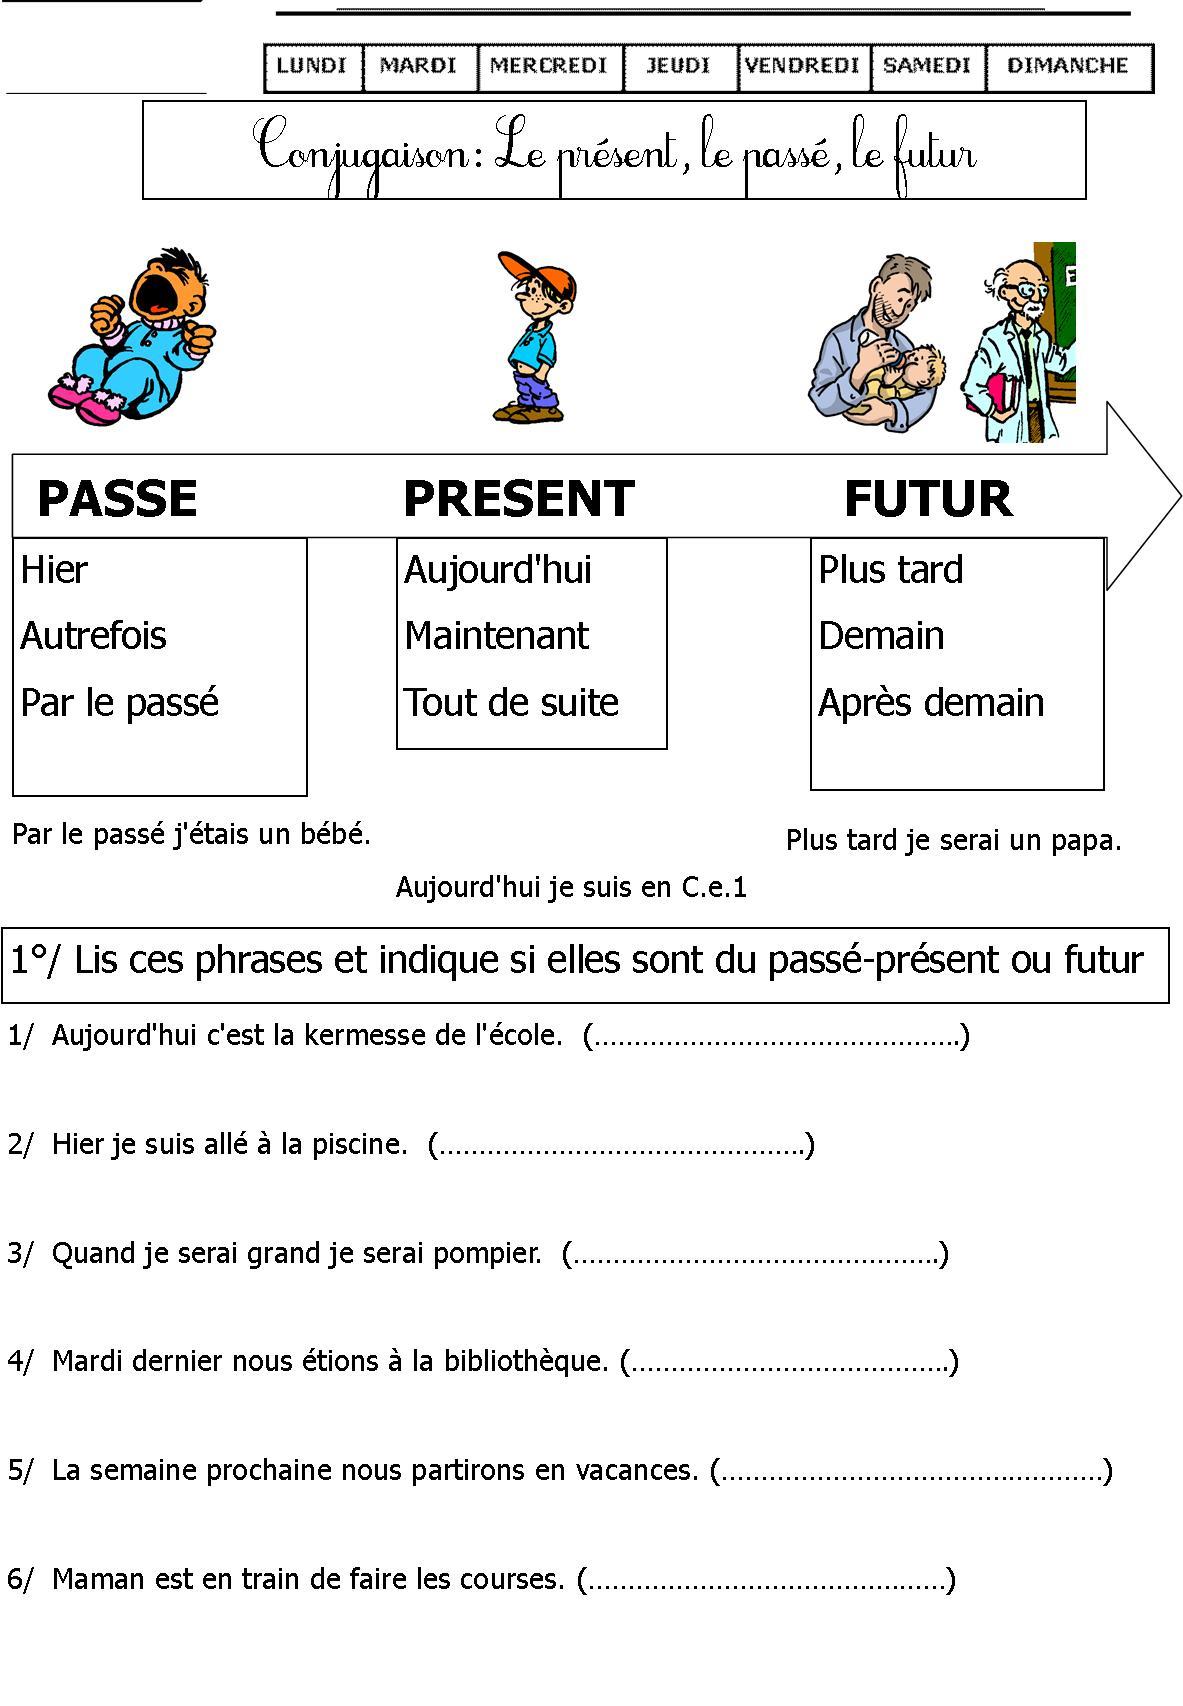 15 Règles/leçons Pour La Conjugaison Facile En Ce1(Avec encequiconcerne Exercice Francais Facile